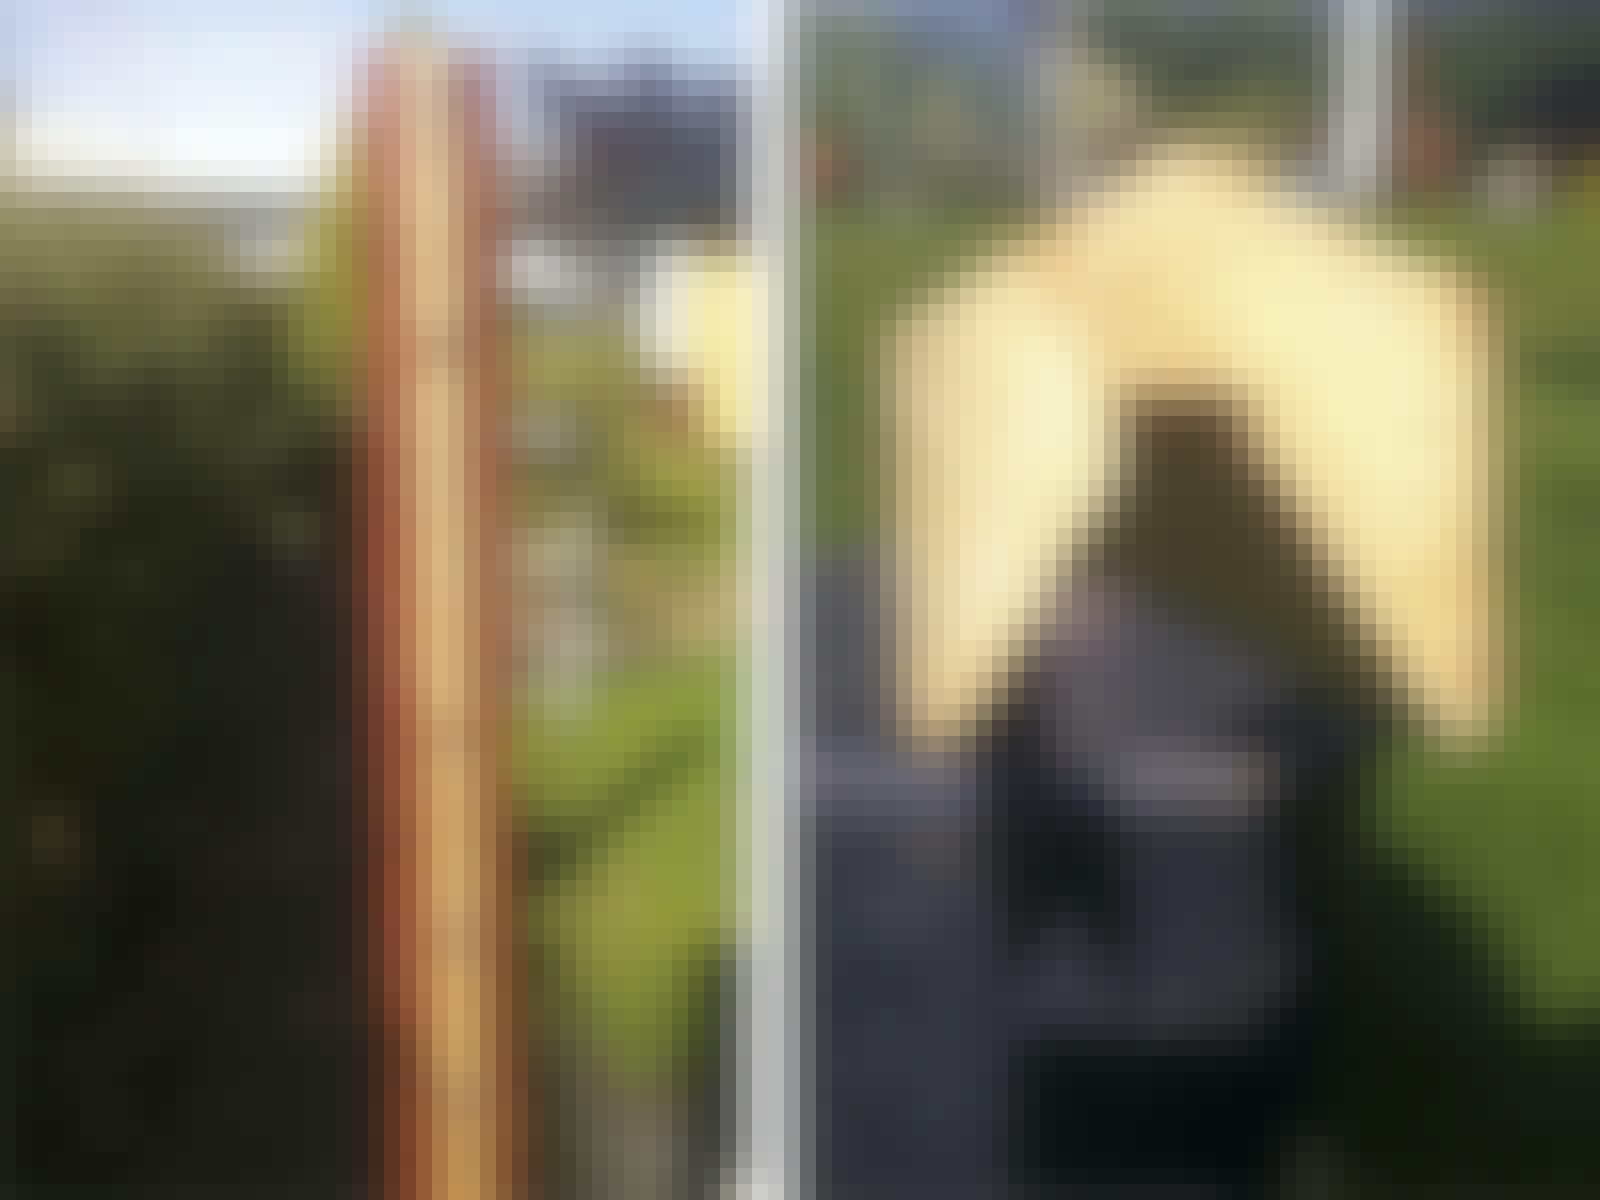 Altan flätat staket